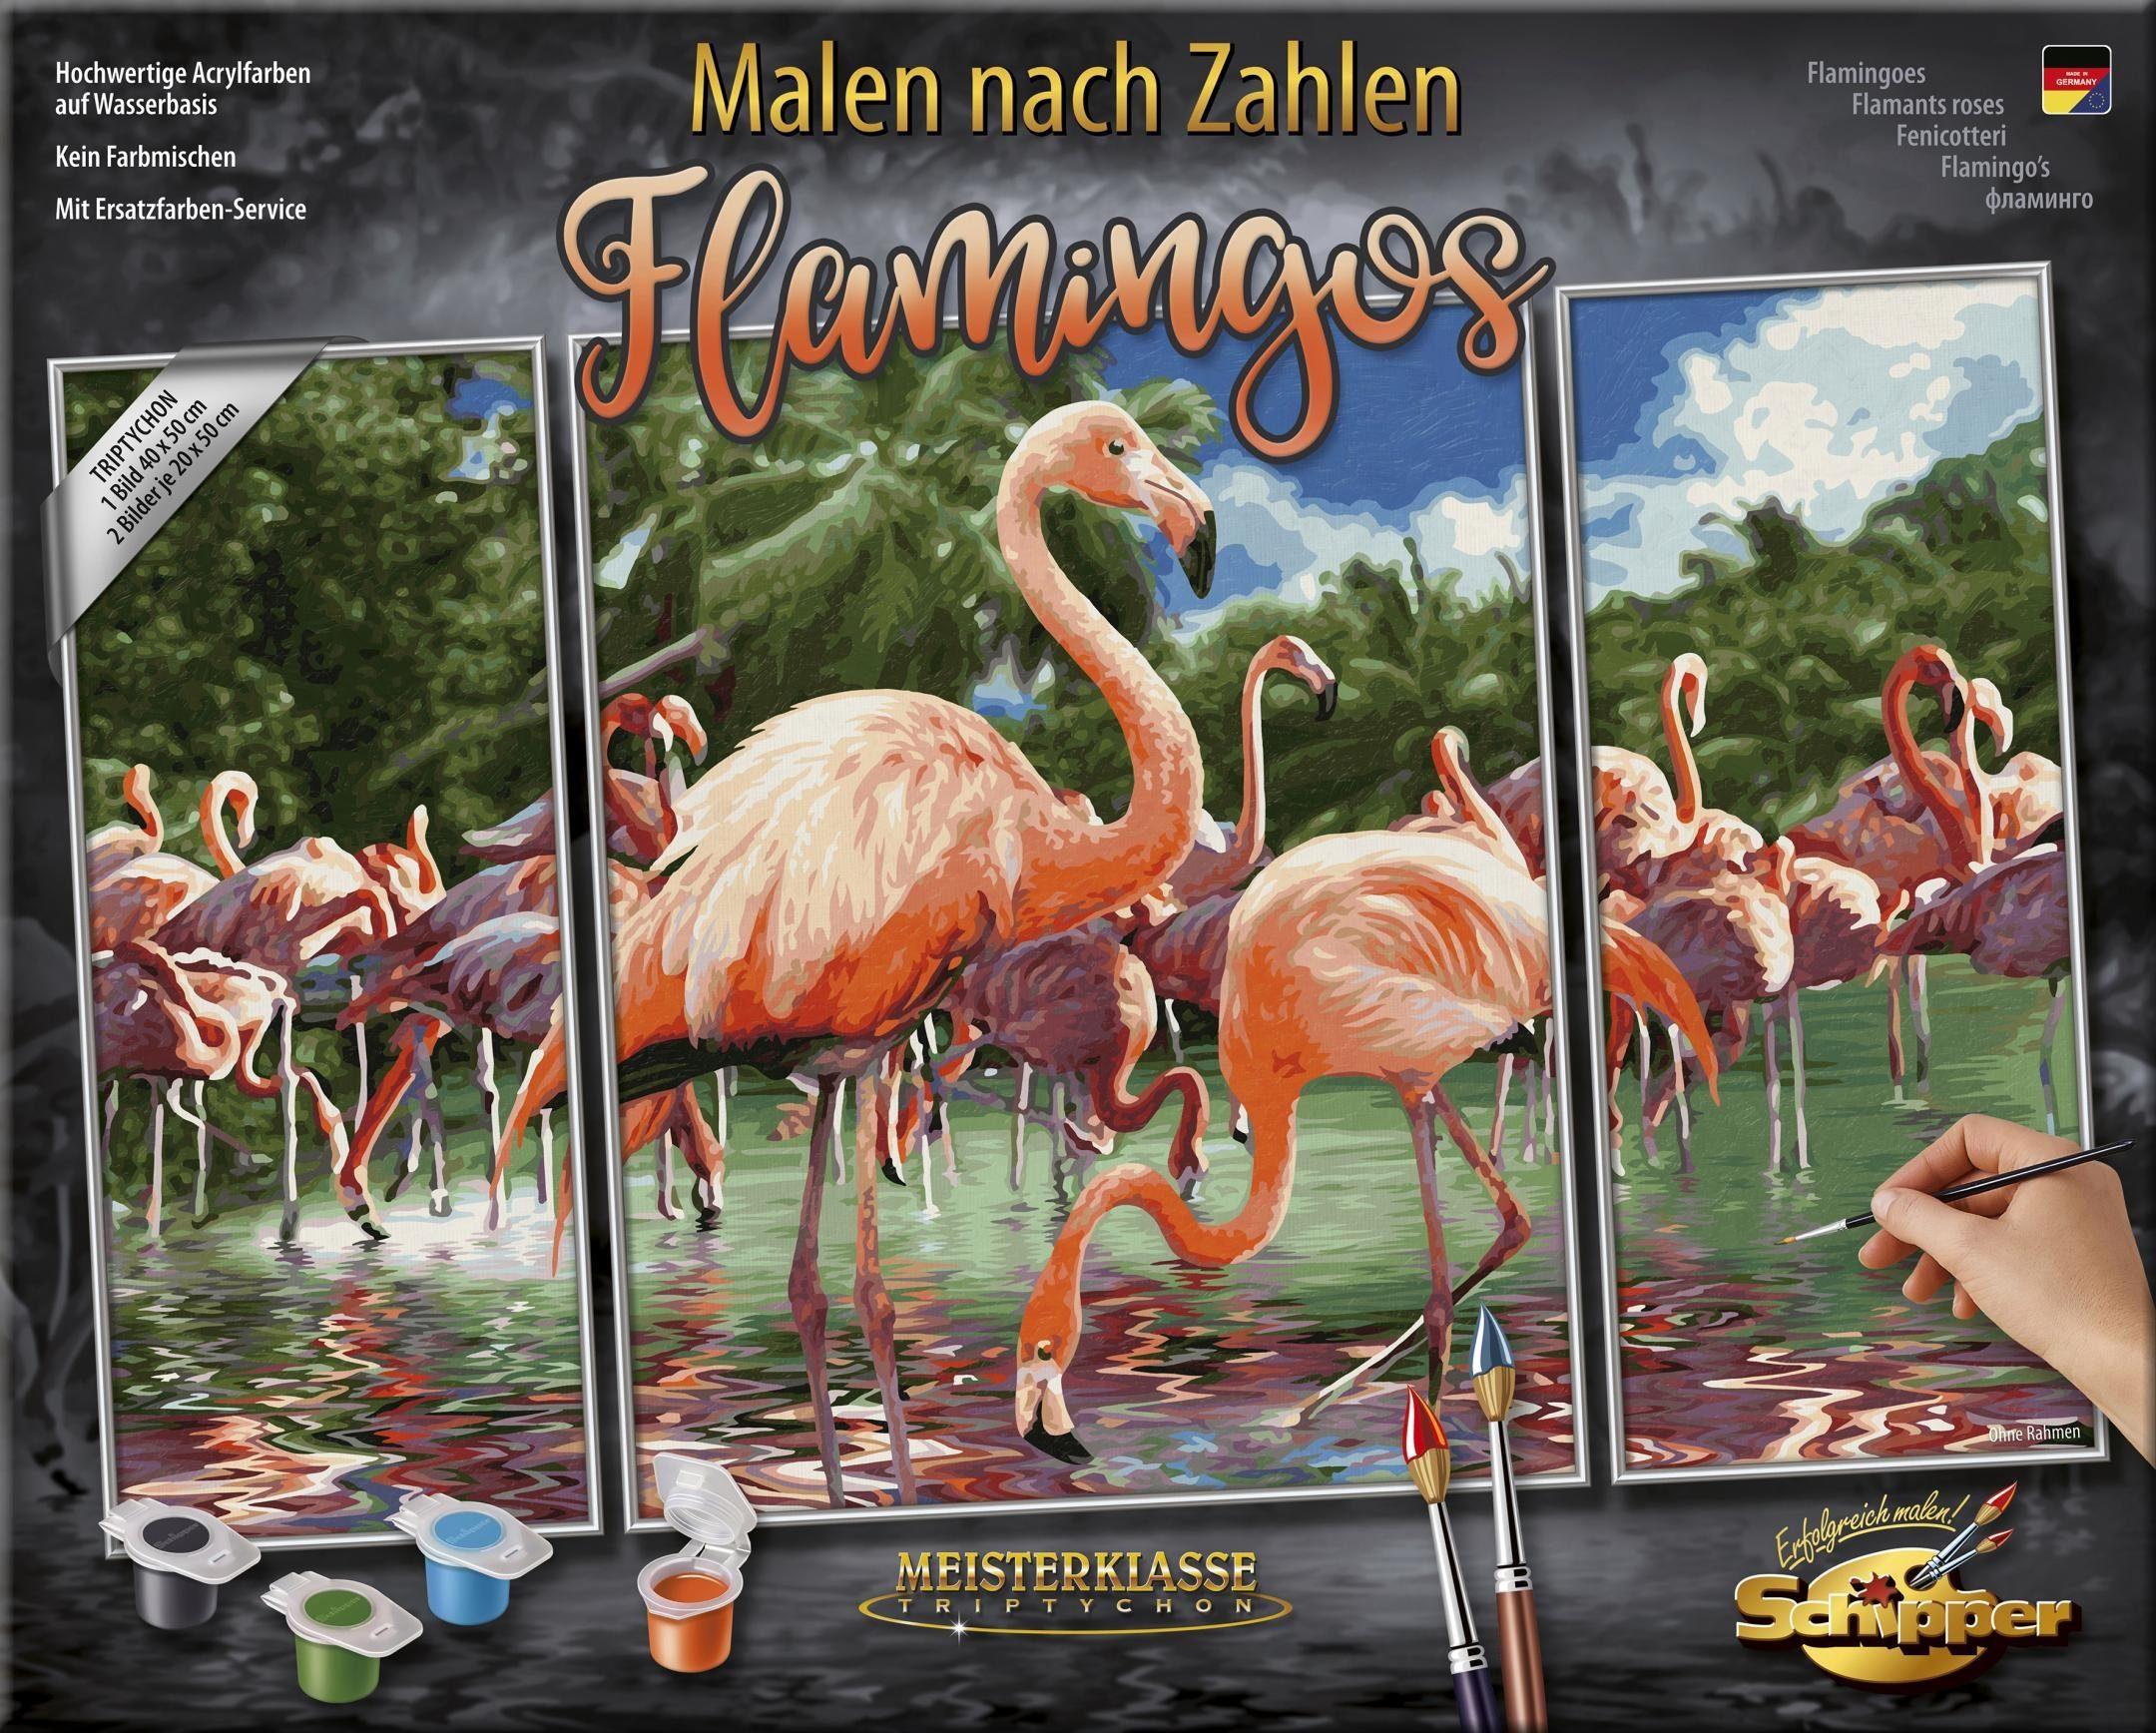 Schipper Malen nach Zahlen, »Meisterklasse Triptychon, Flamingos«